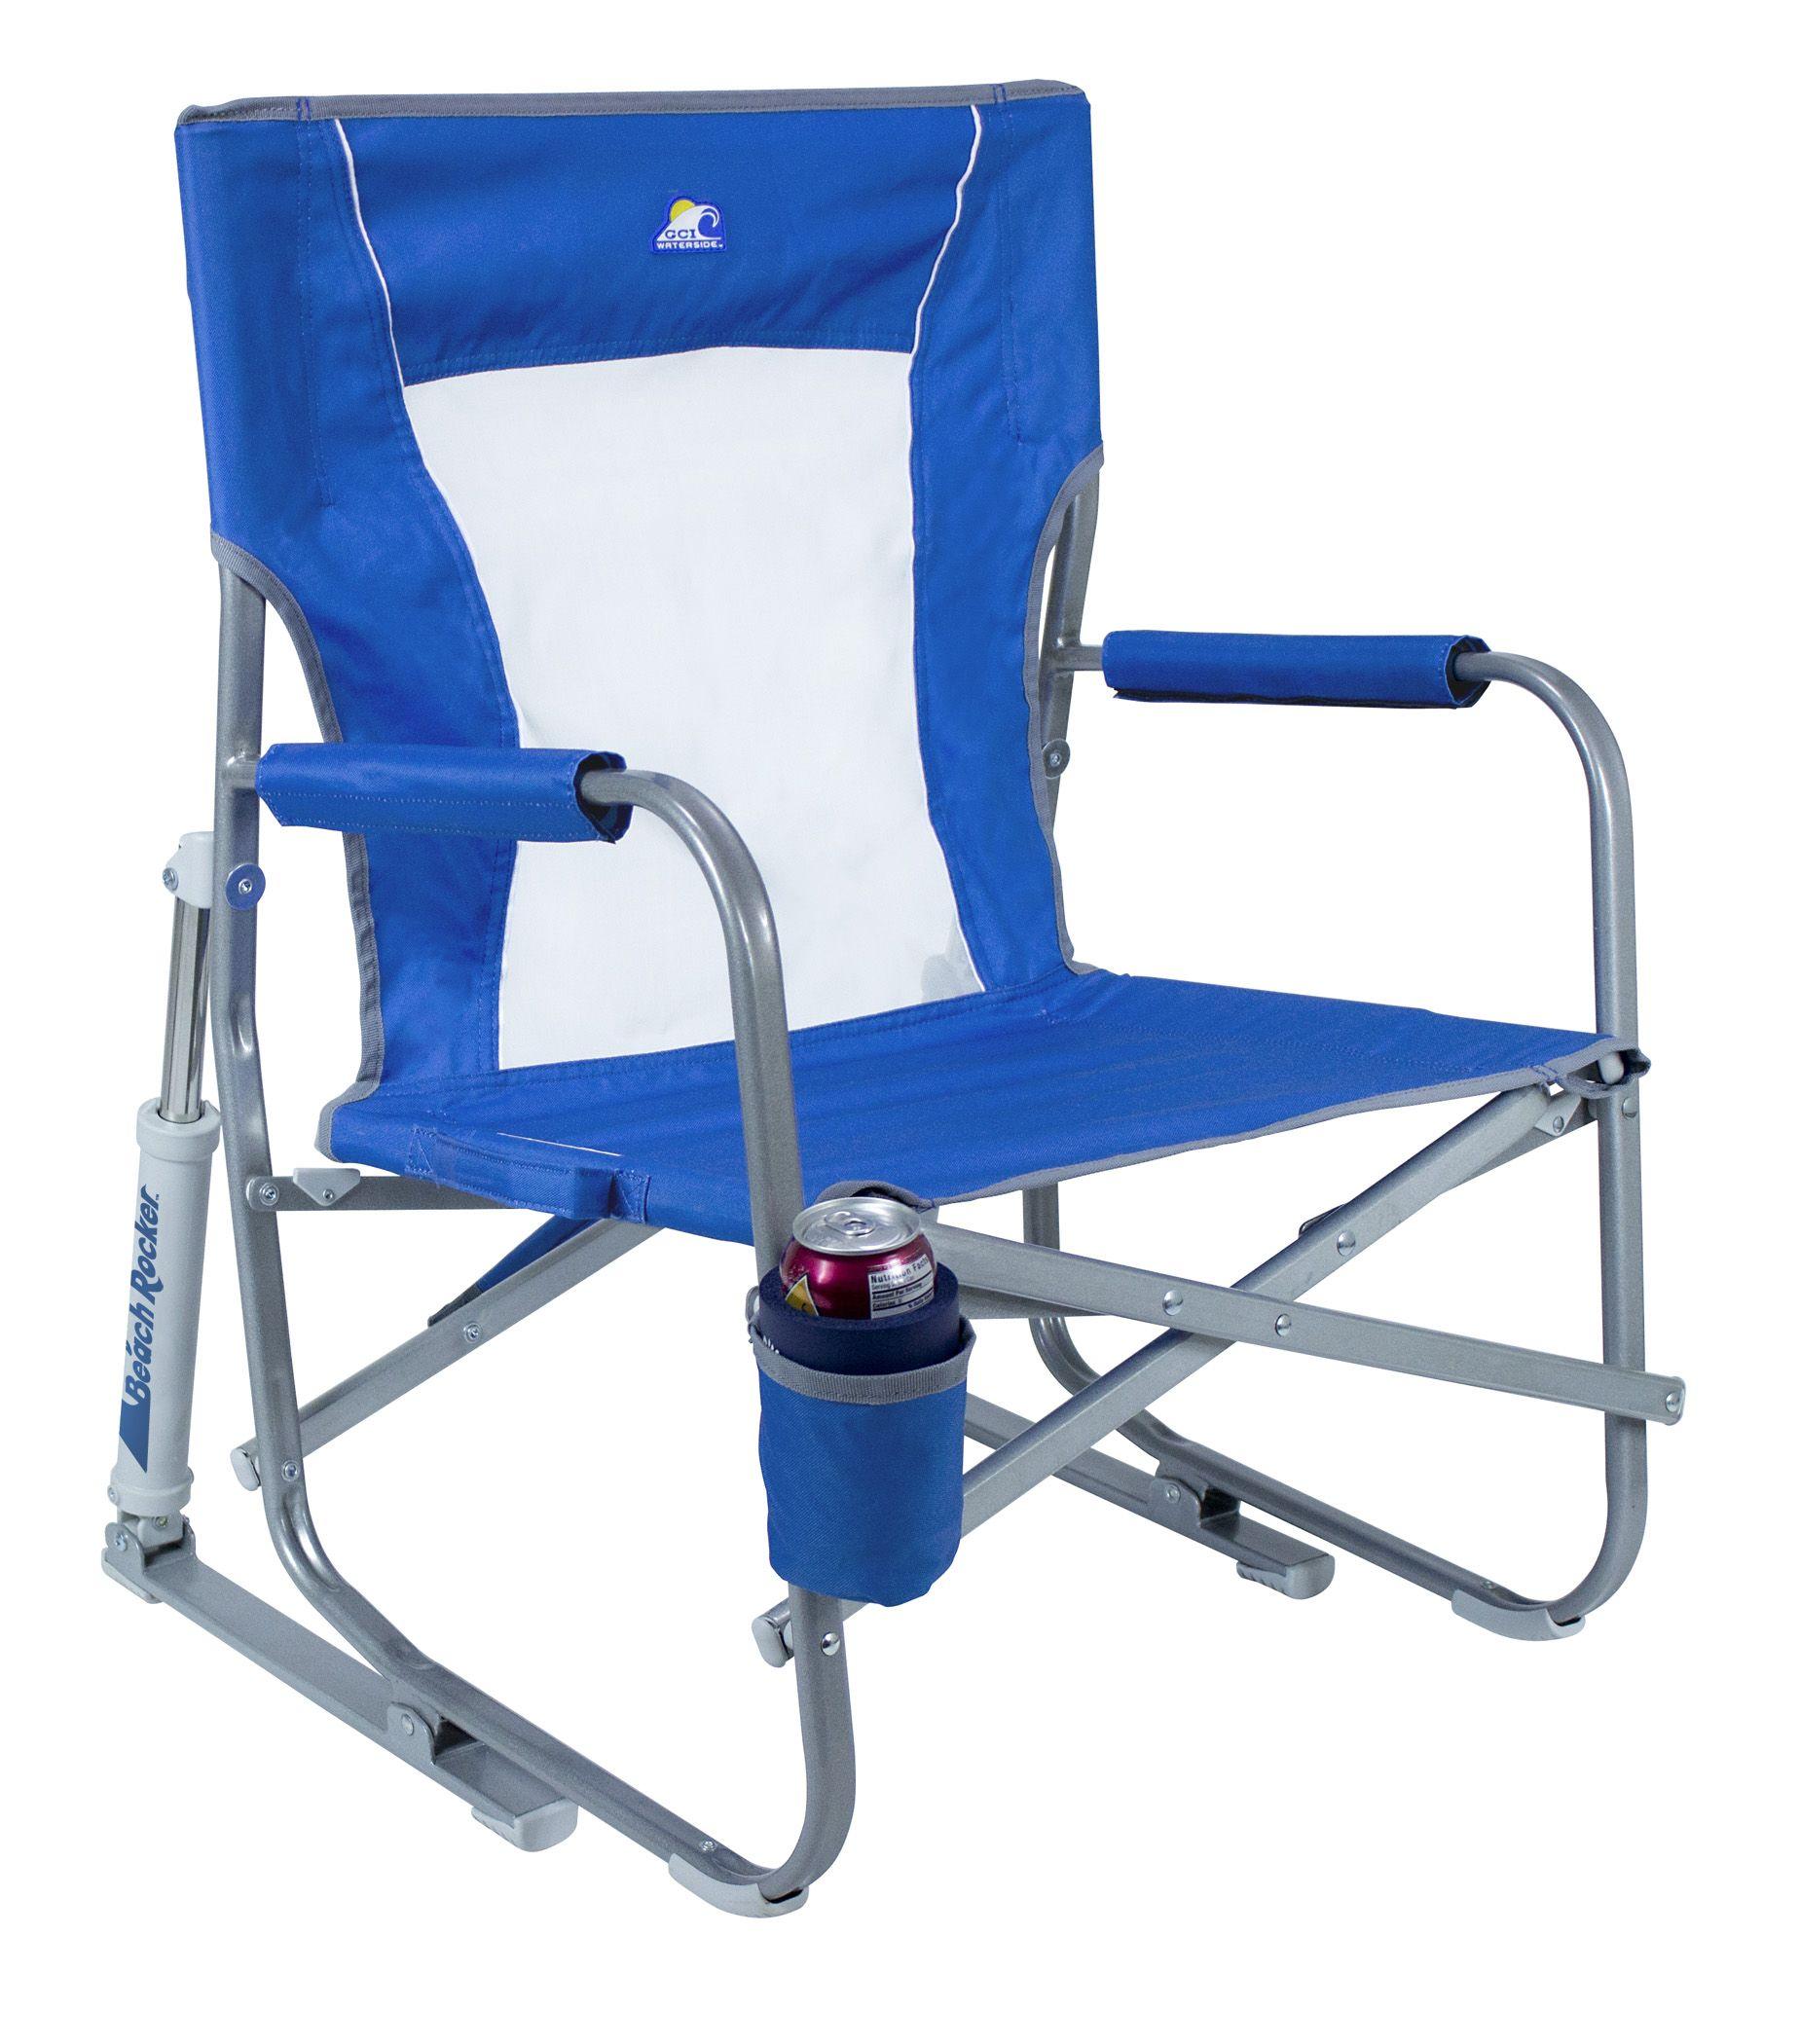 Beach Rocker Portable Rocking Chairs for the Beach GCI